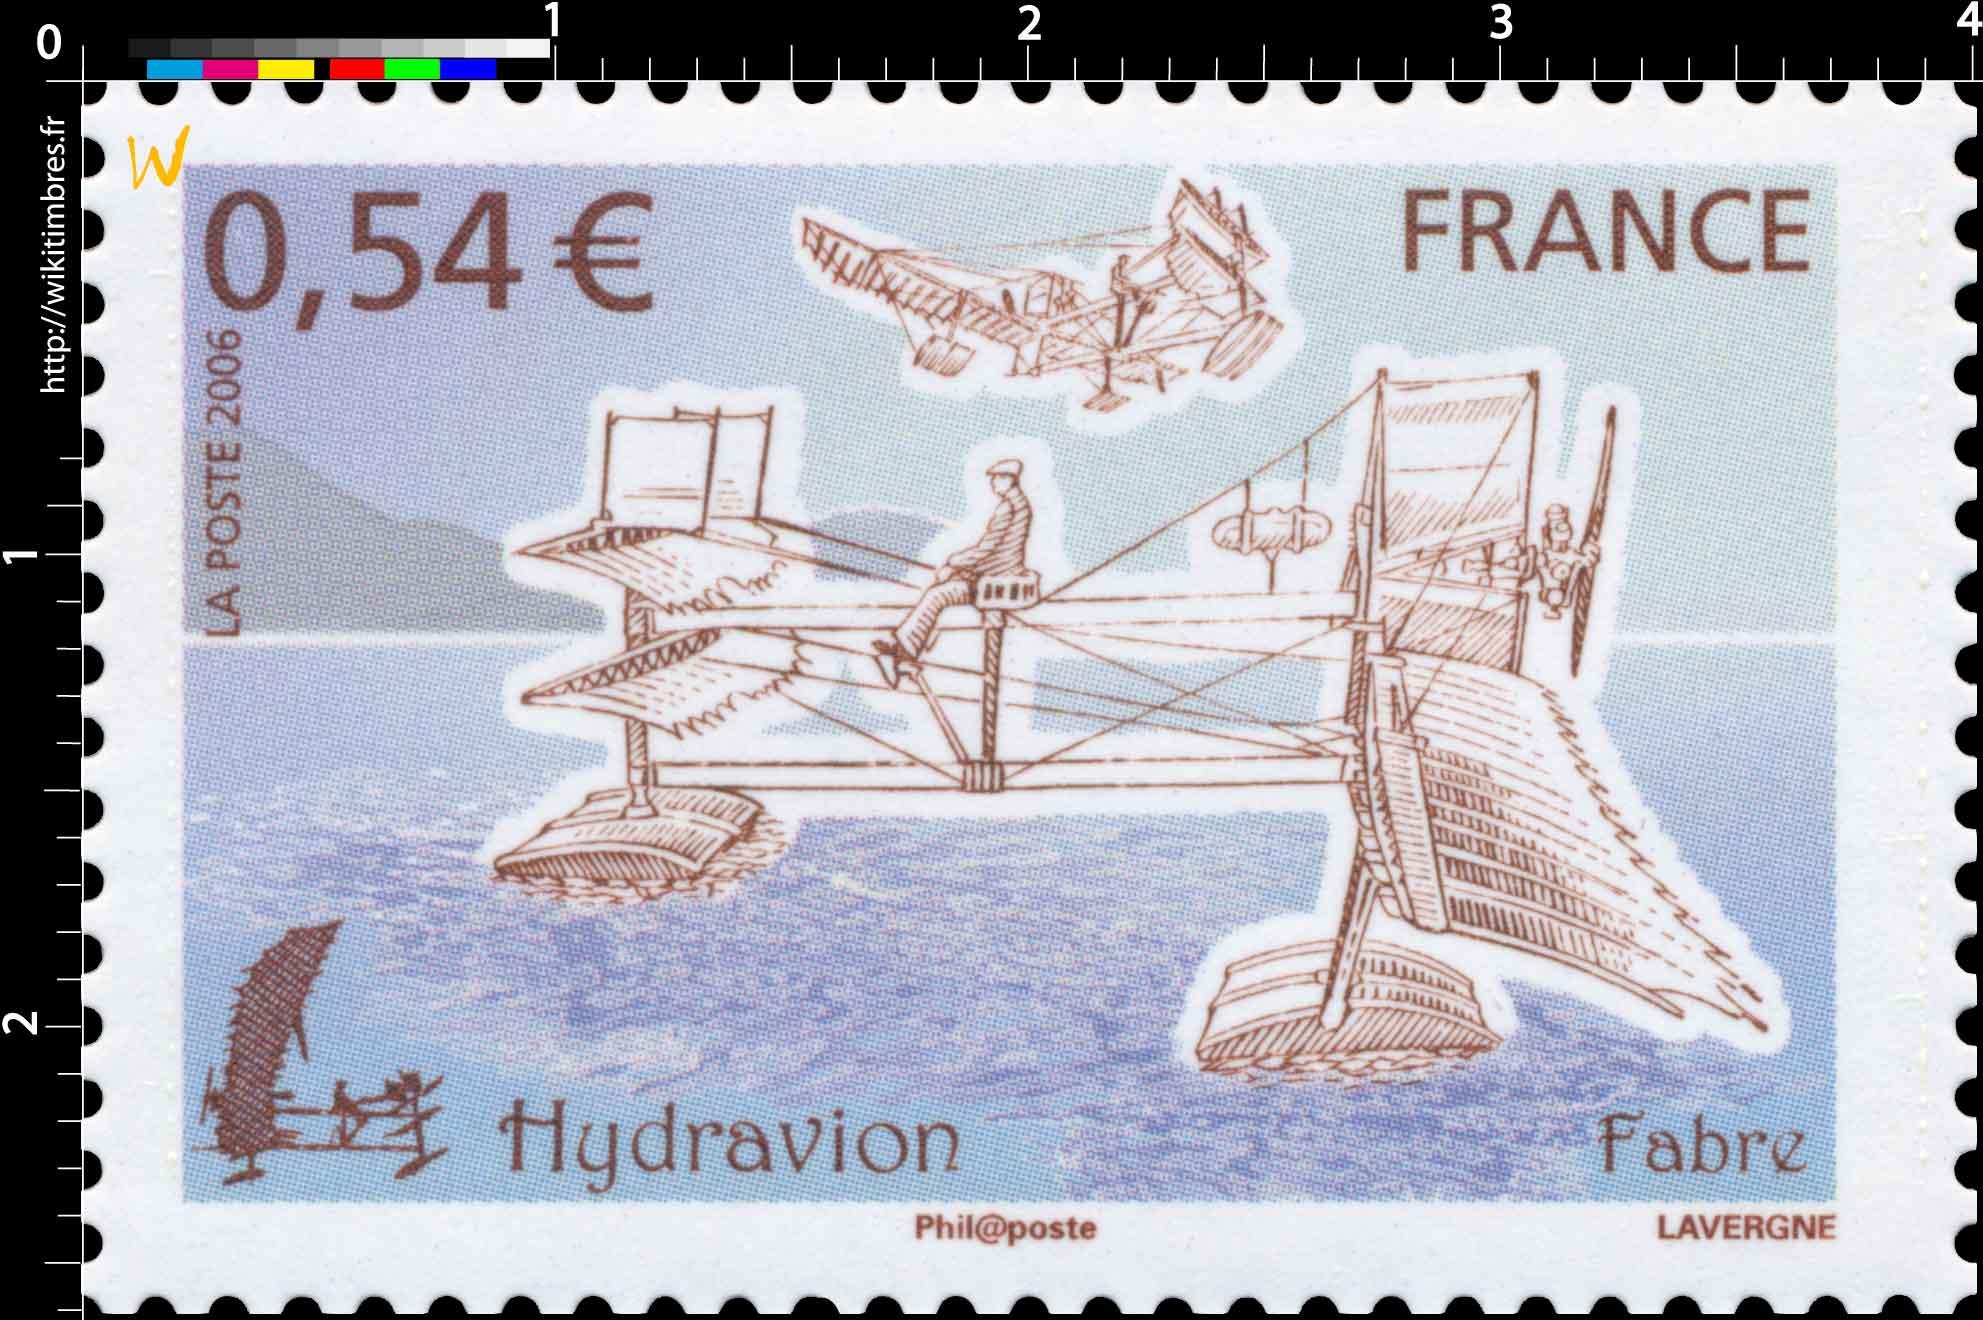 2006 Hydravion Fabre